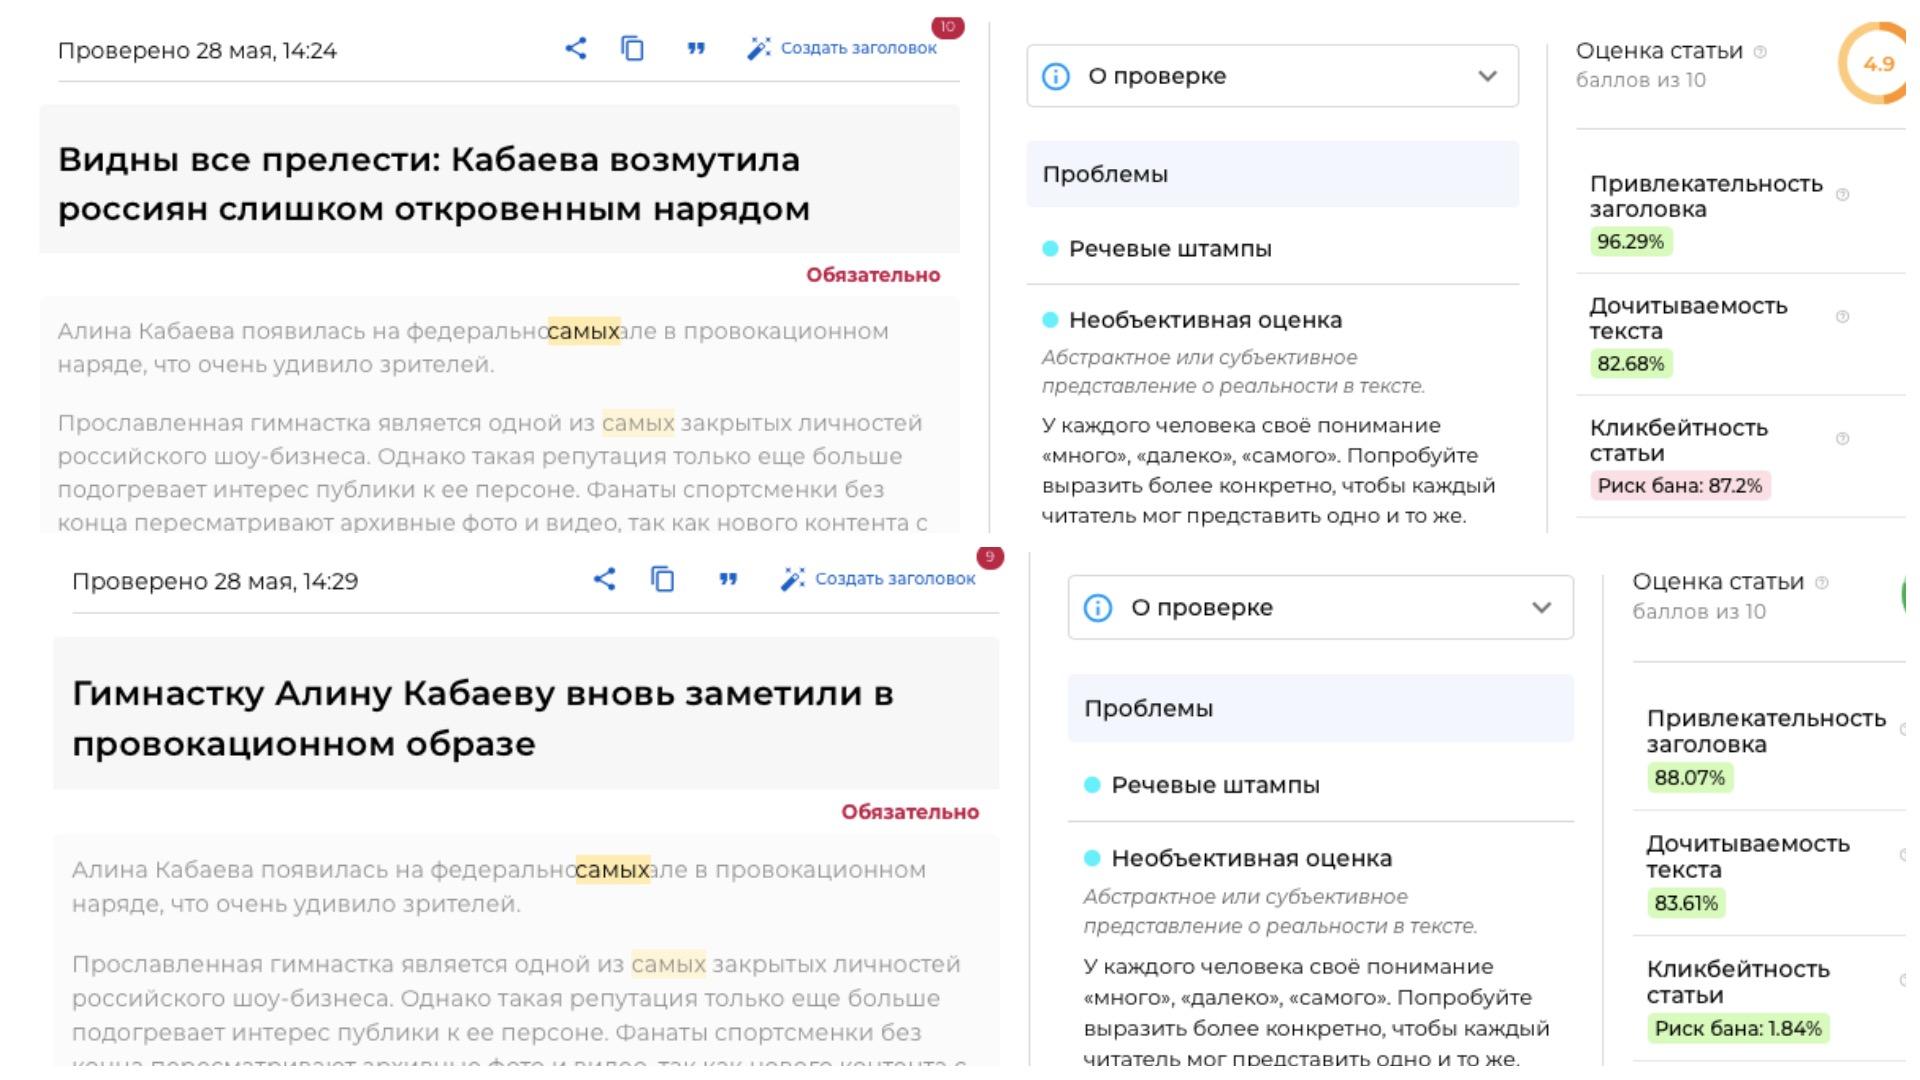 Фото: Кликбейтный заголовок «Дни.ру» - сверху, заголовок Turbockeck - снизу. Источник: turbocheck.ru